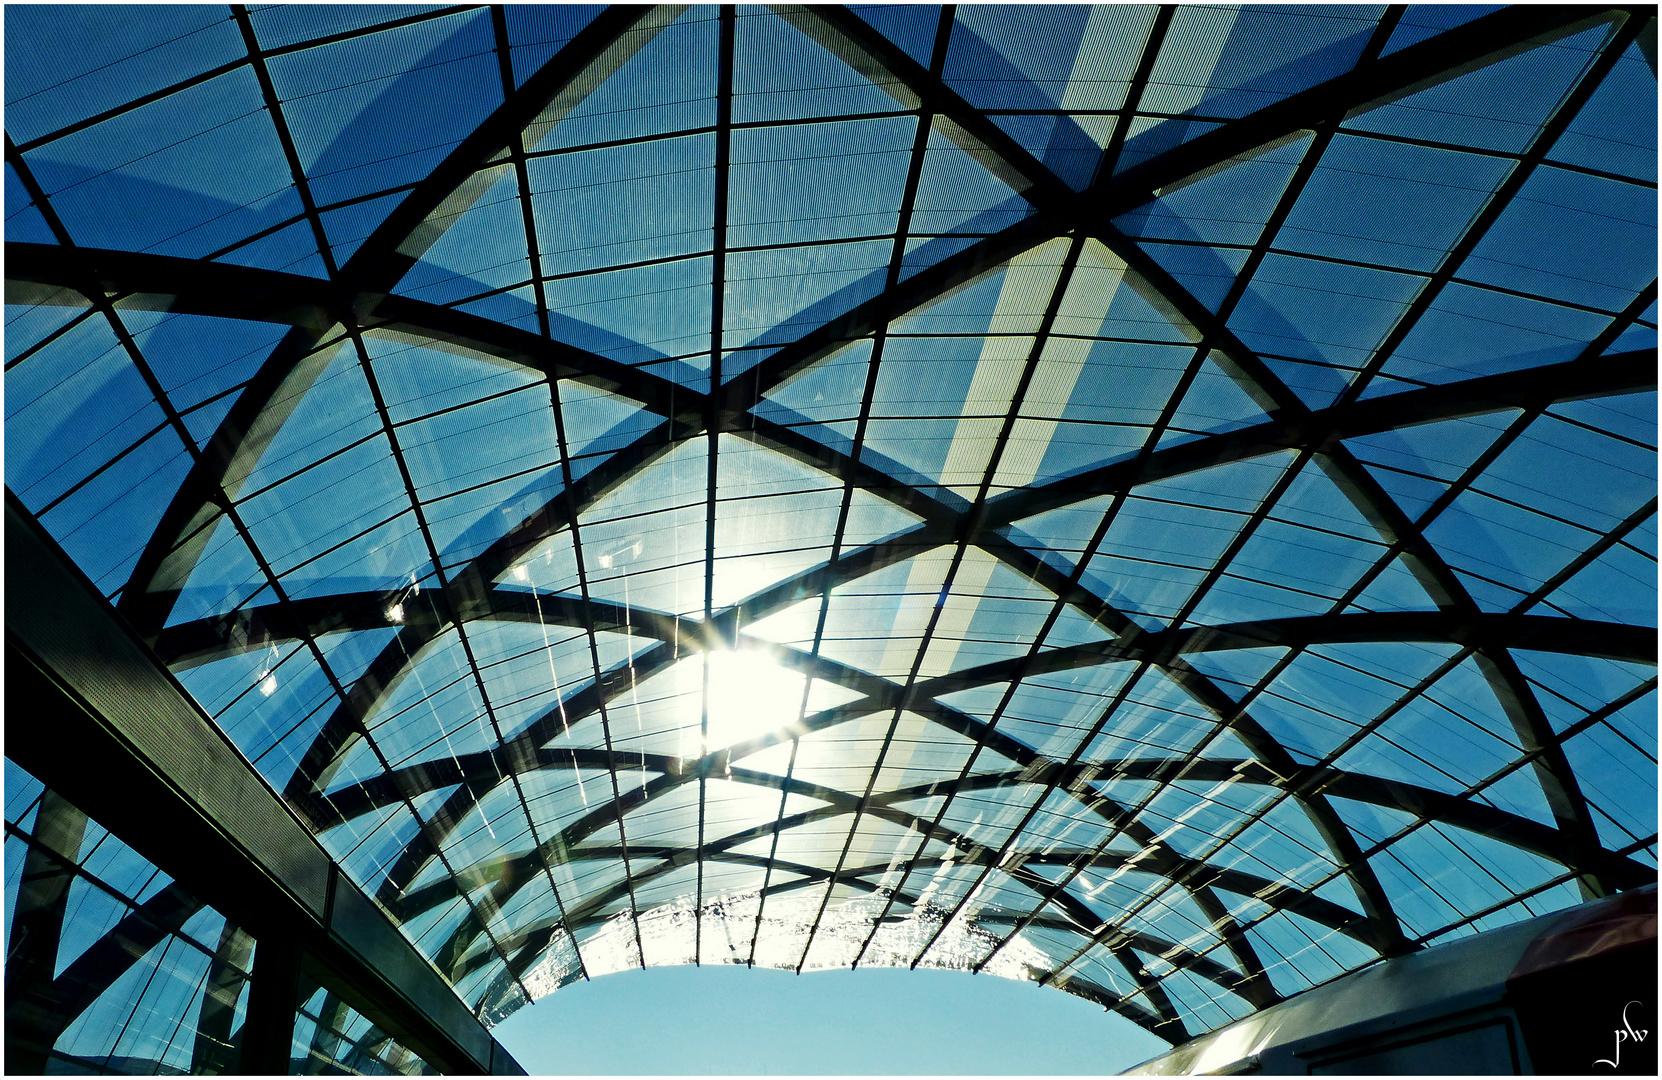 U-Bahnstation U 4 HafenCity - Elbbrücken - Teilansicht